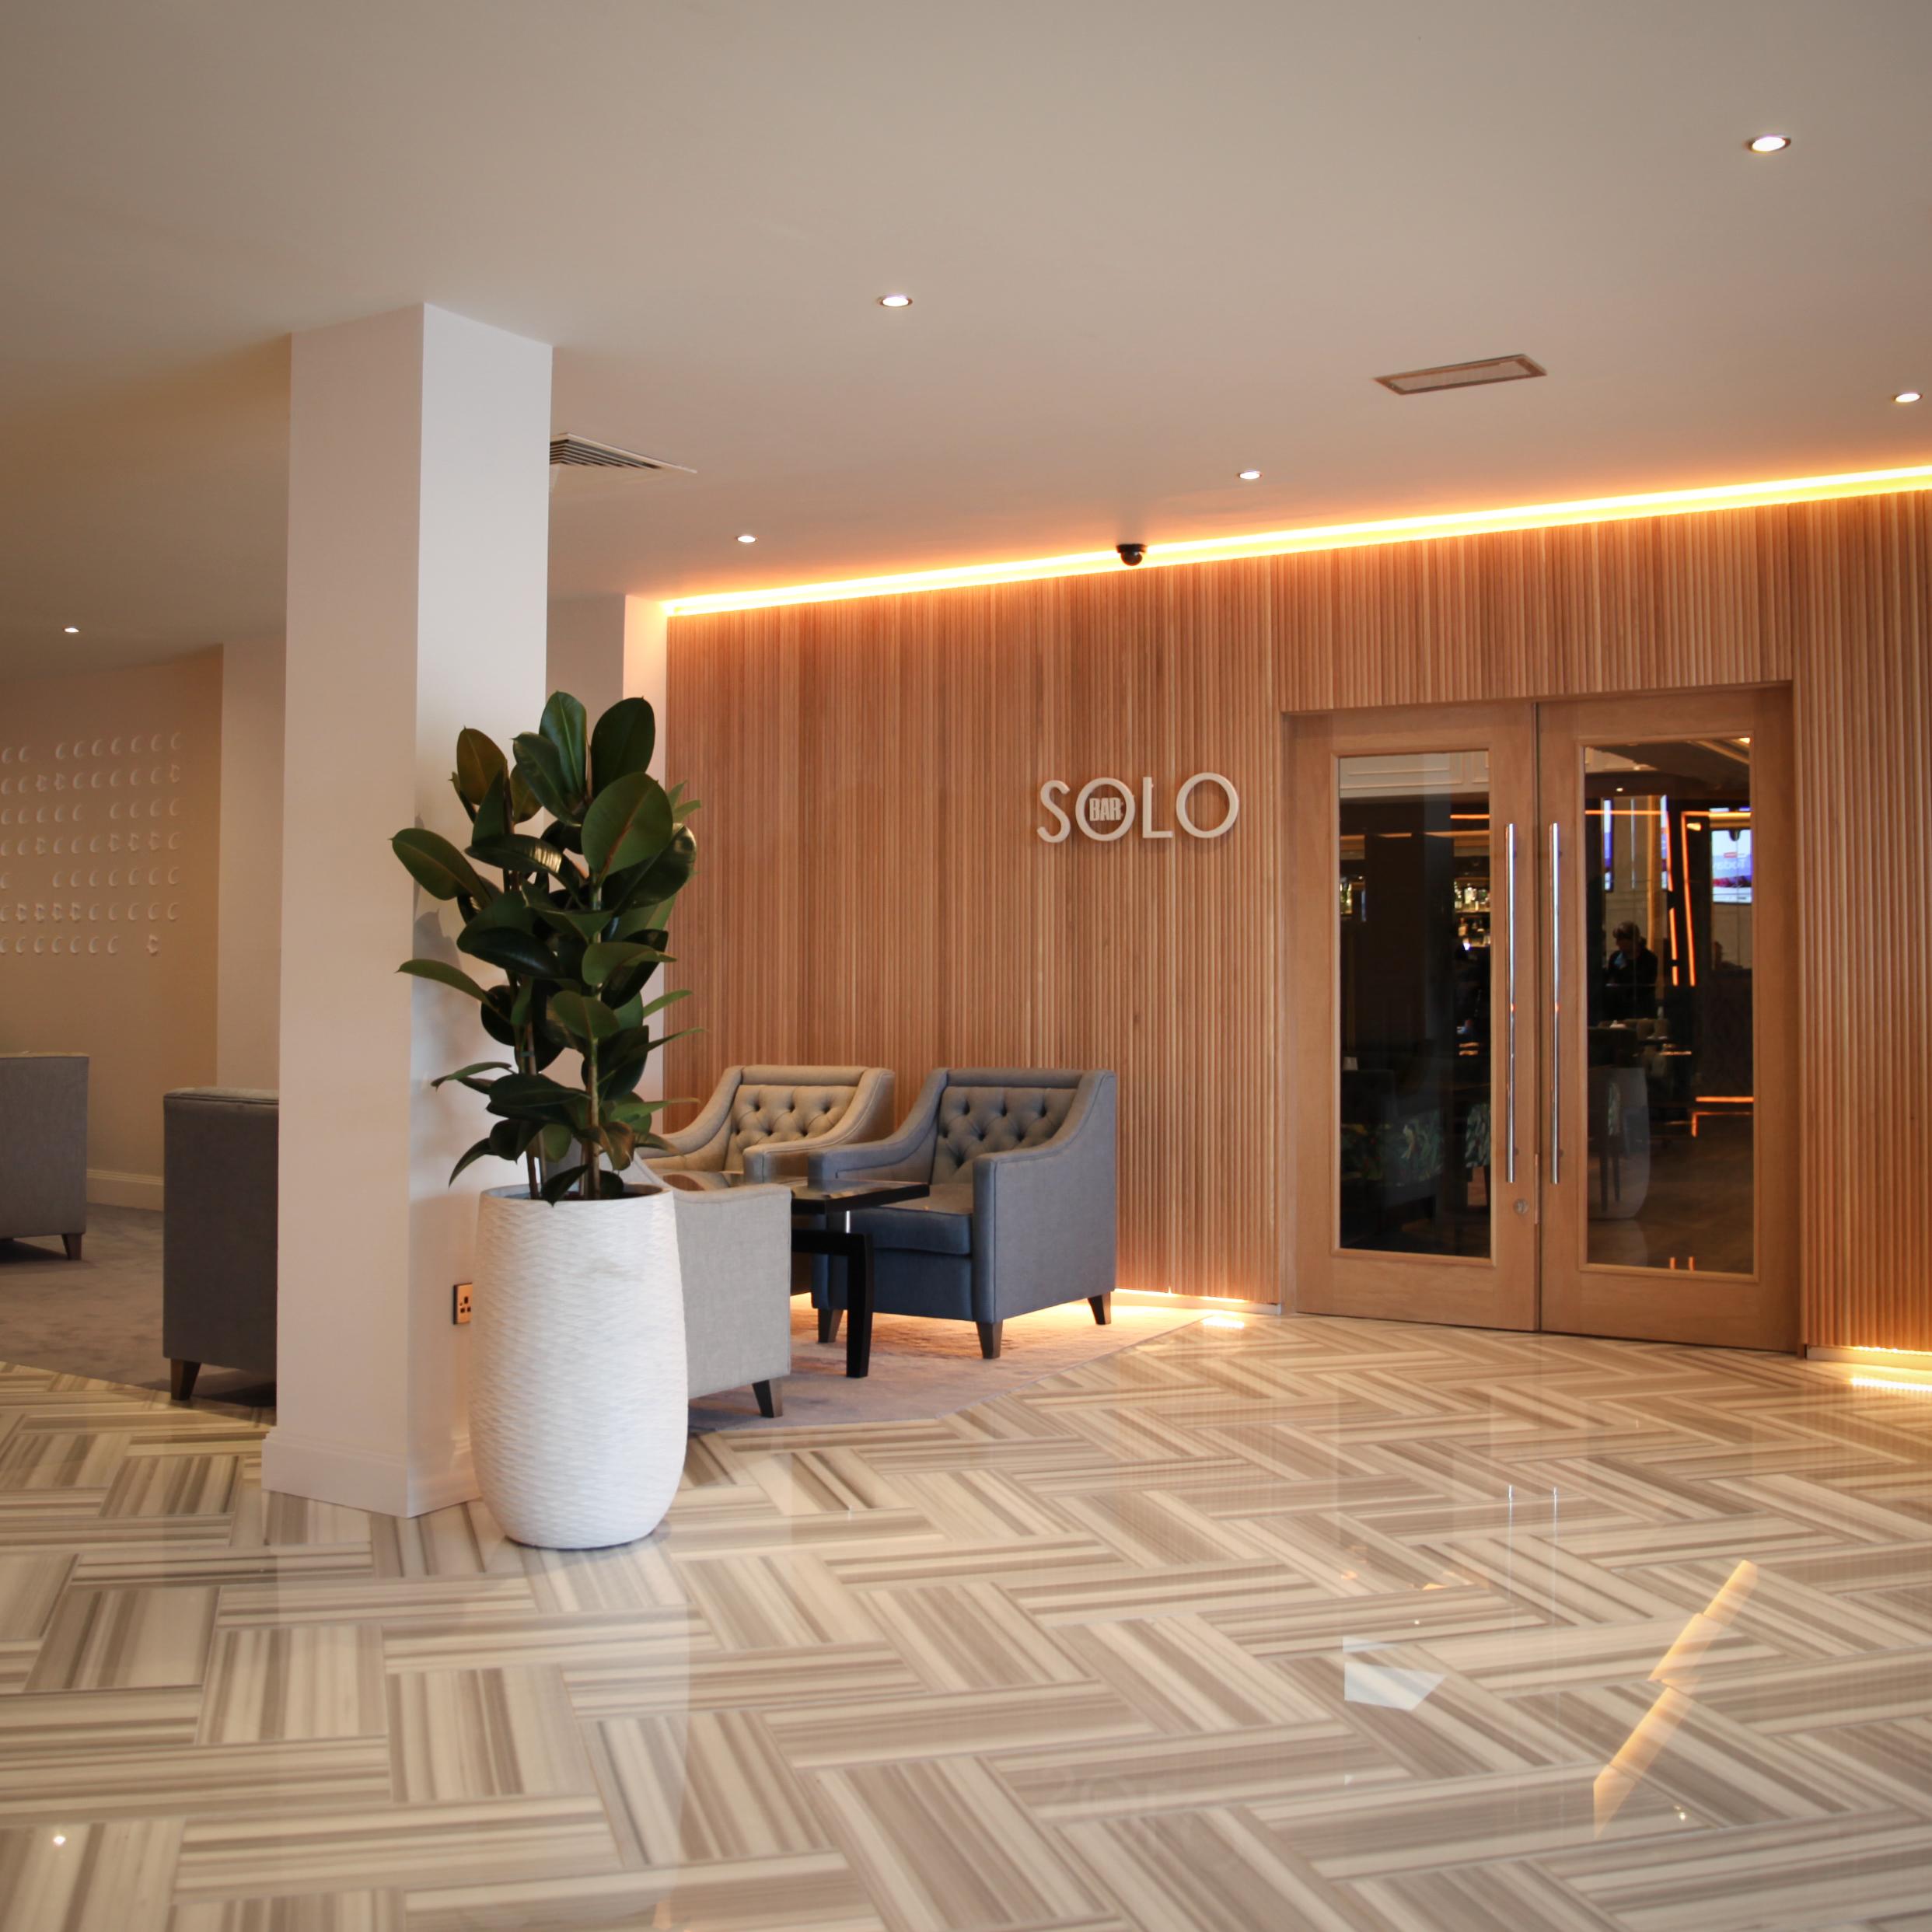 THE-CONNACHT-HOTEL-2020-01.jpg